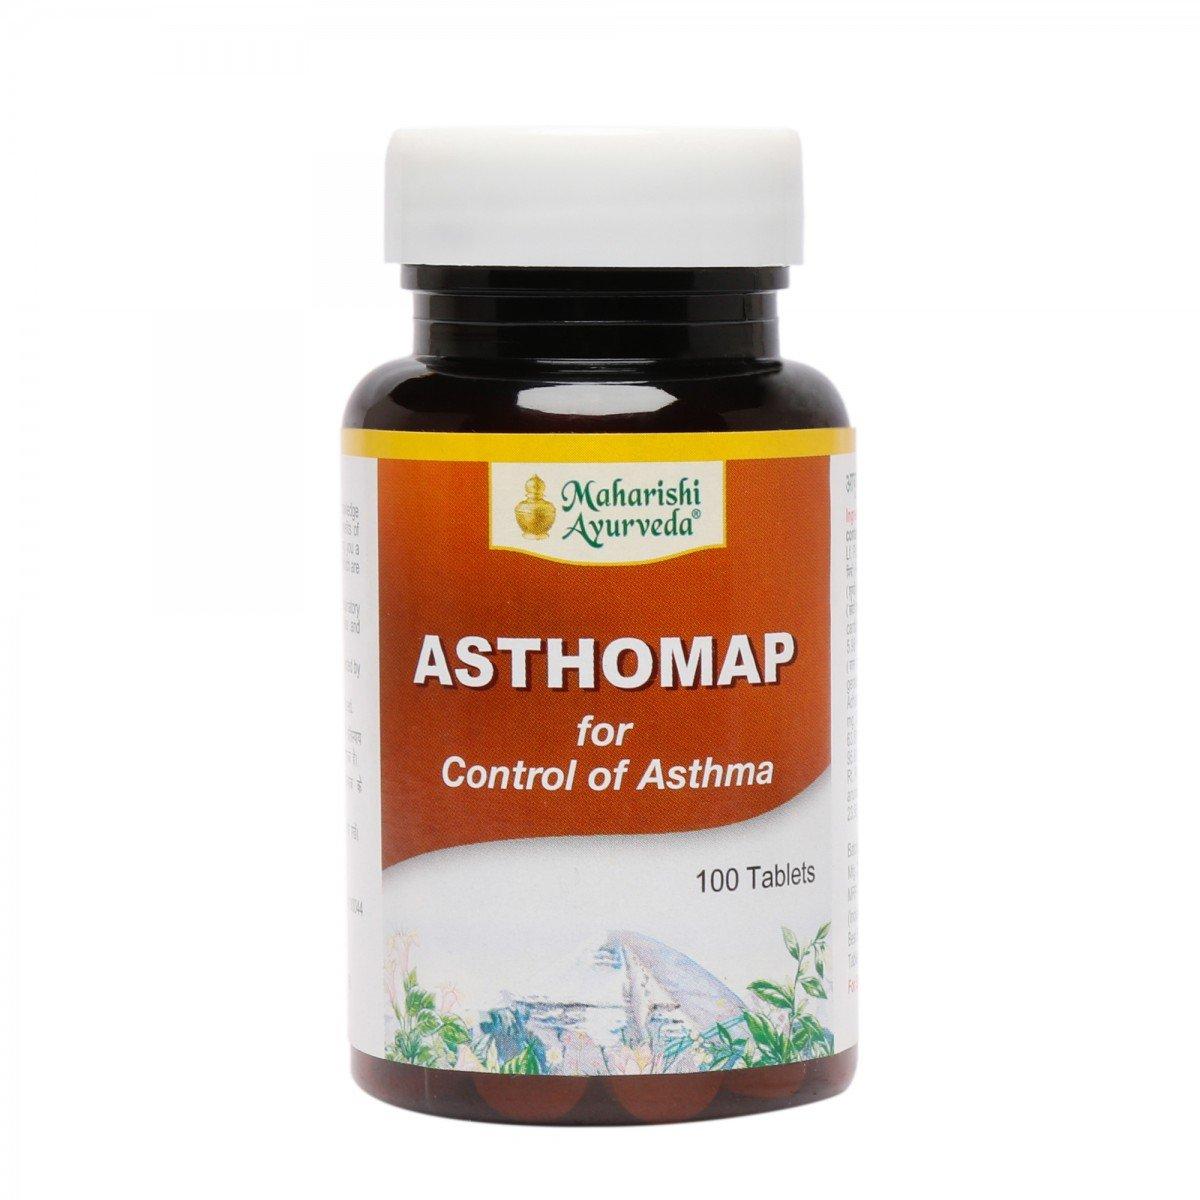 Maharishi ayurveda Asthomap 100 Tablets